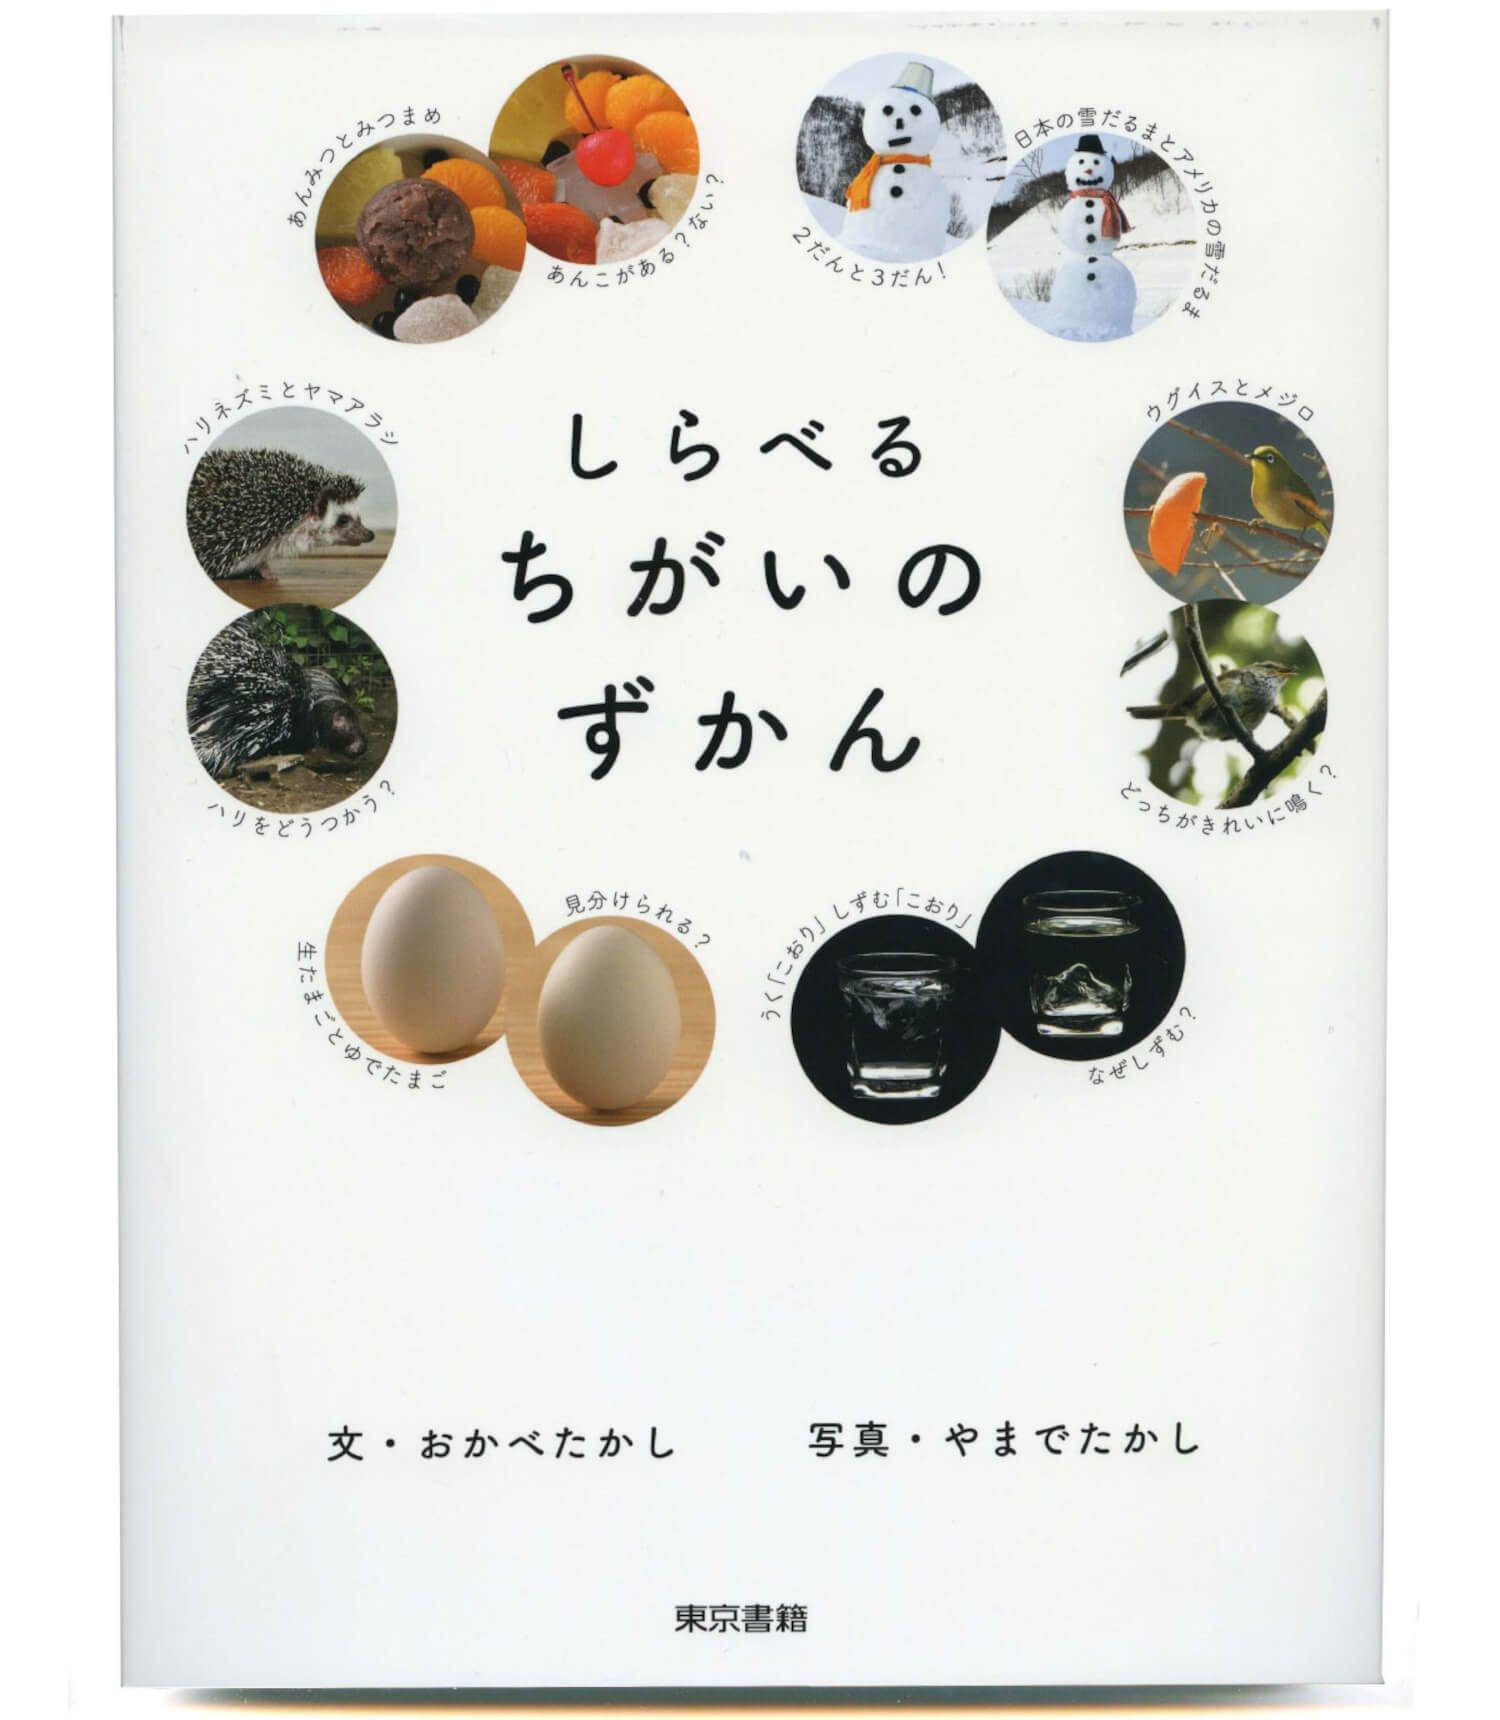 おかべたかし 文 やまでたかし 写真/ 東京書籍/ 1760円+税